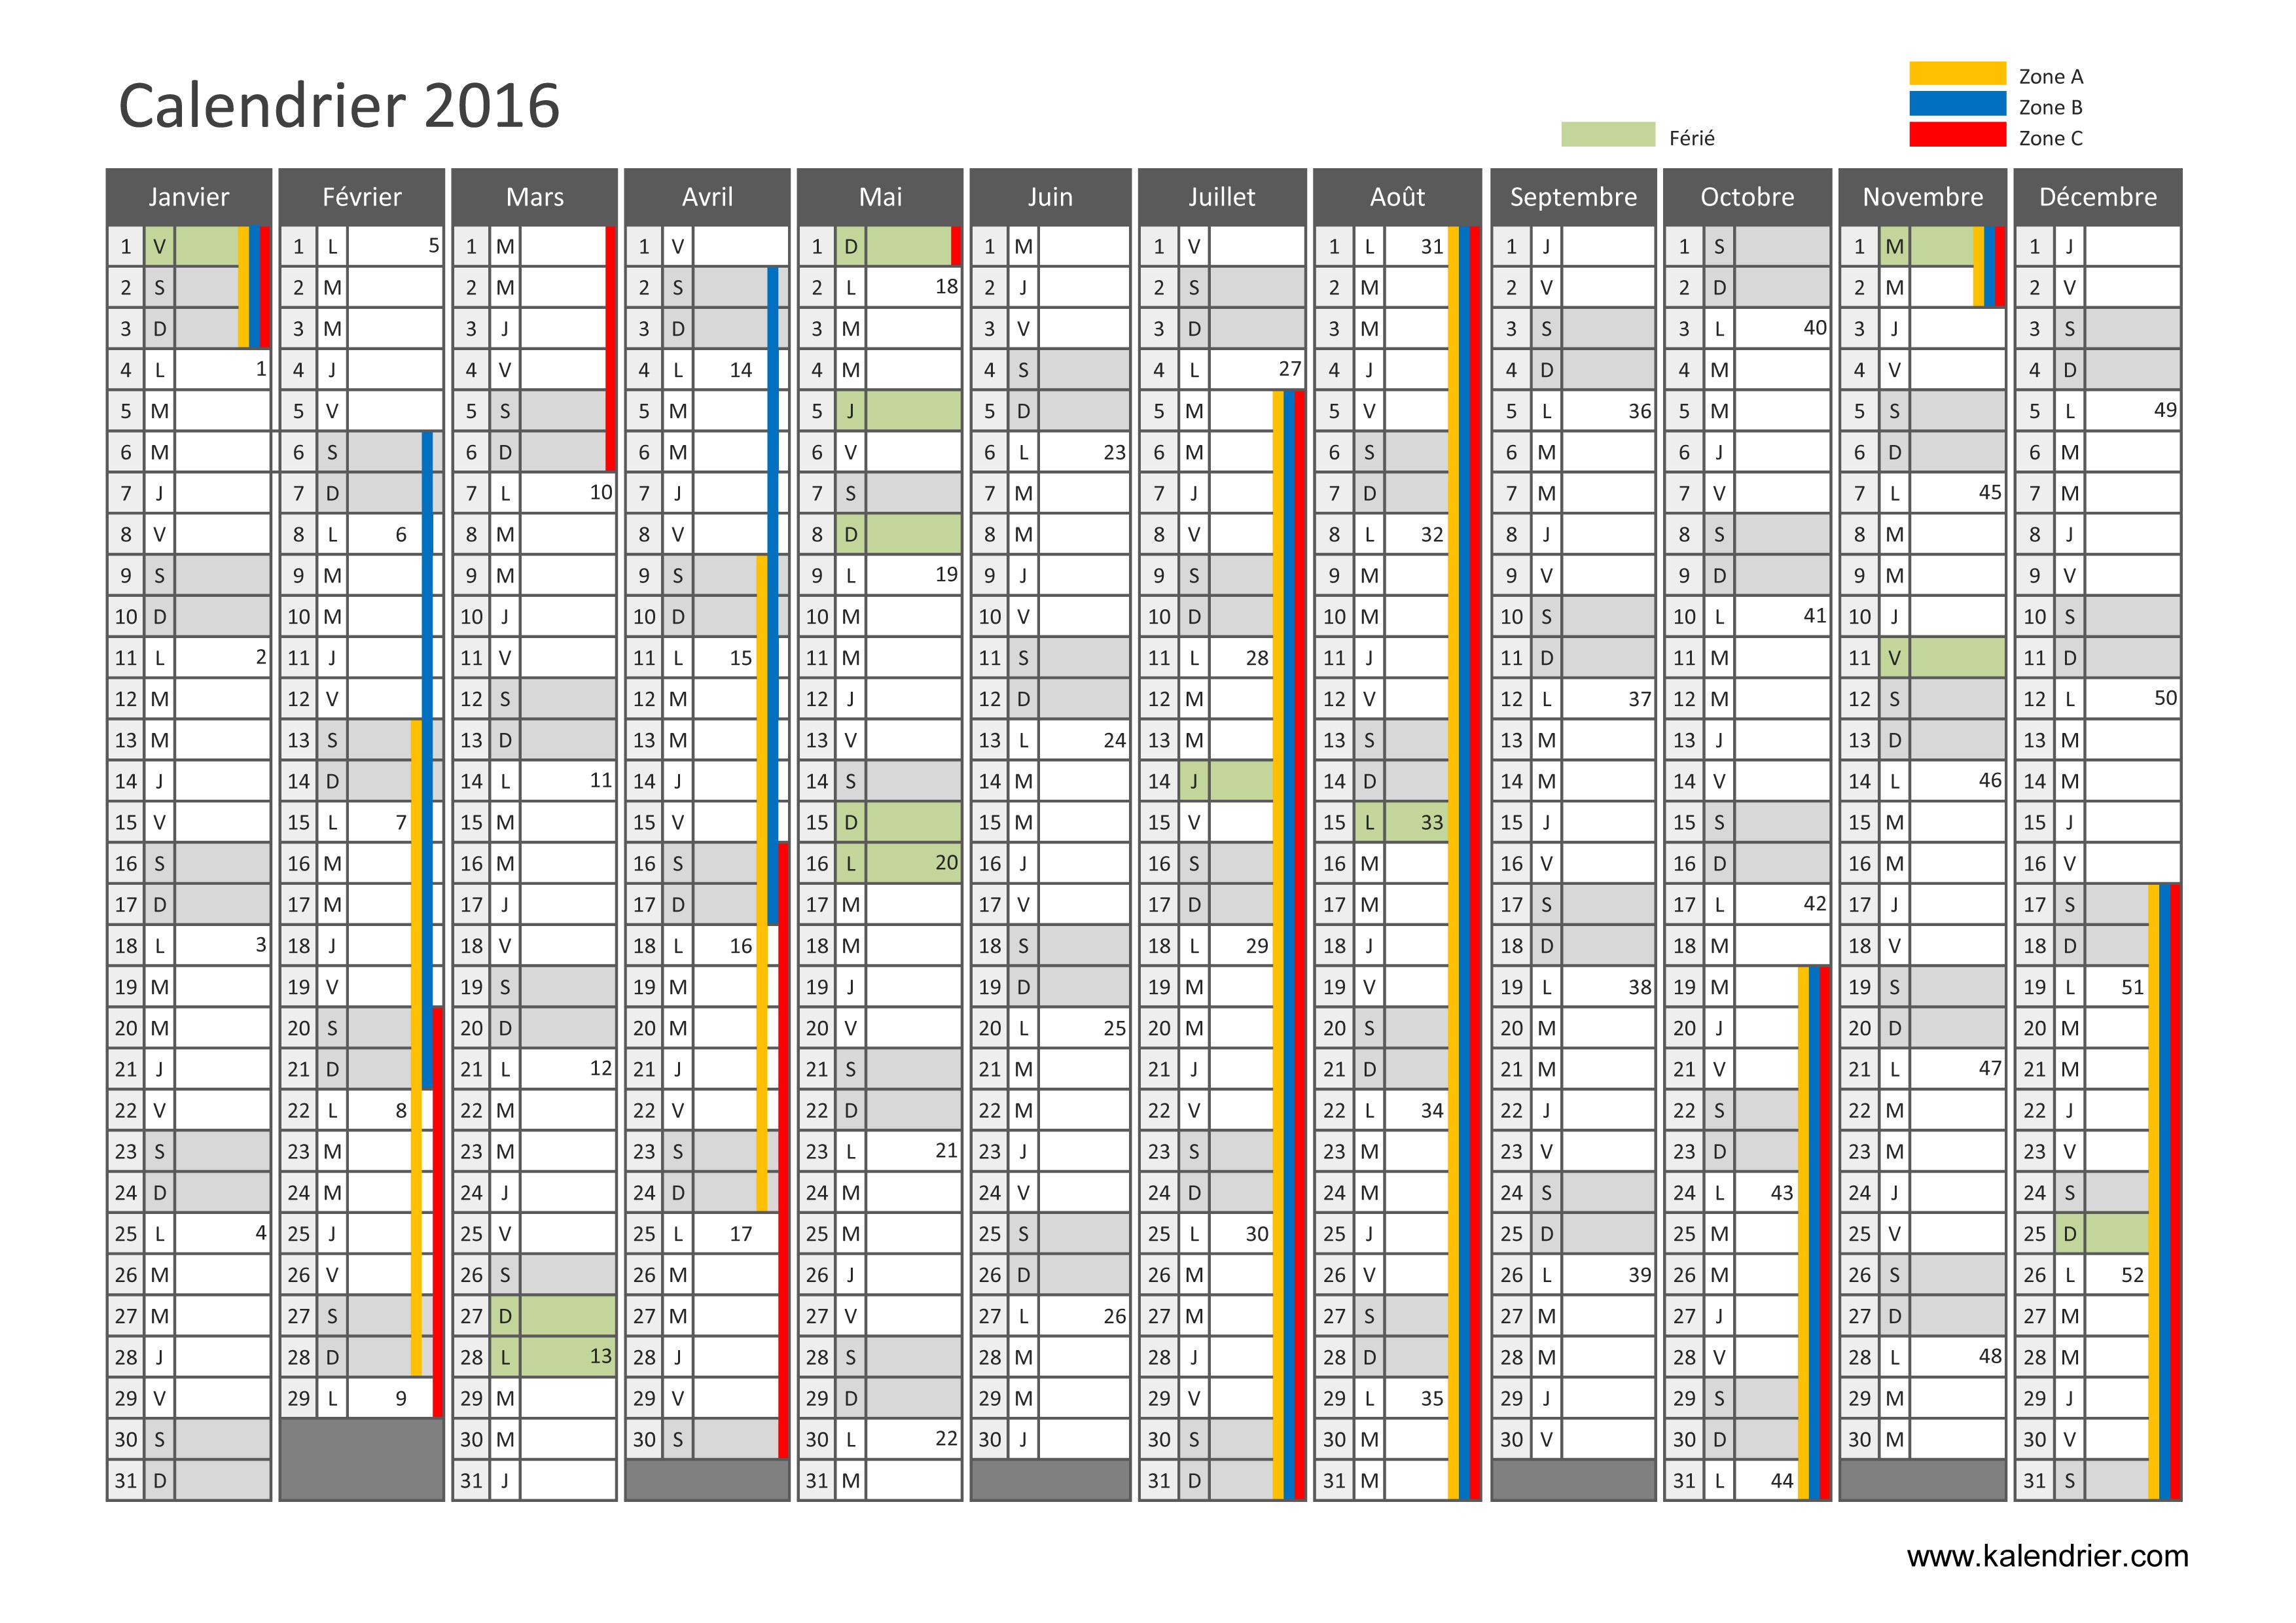 Imprimer Calendrier 2016 Gratuitement - Pdf, Xls Et Jpg intérieur Calendrier 2019 Avec Jours Fériés Vacances Scolaires À Imprimer